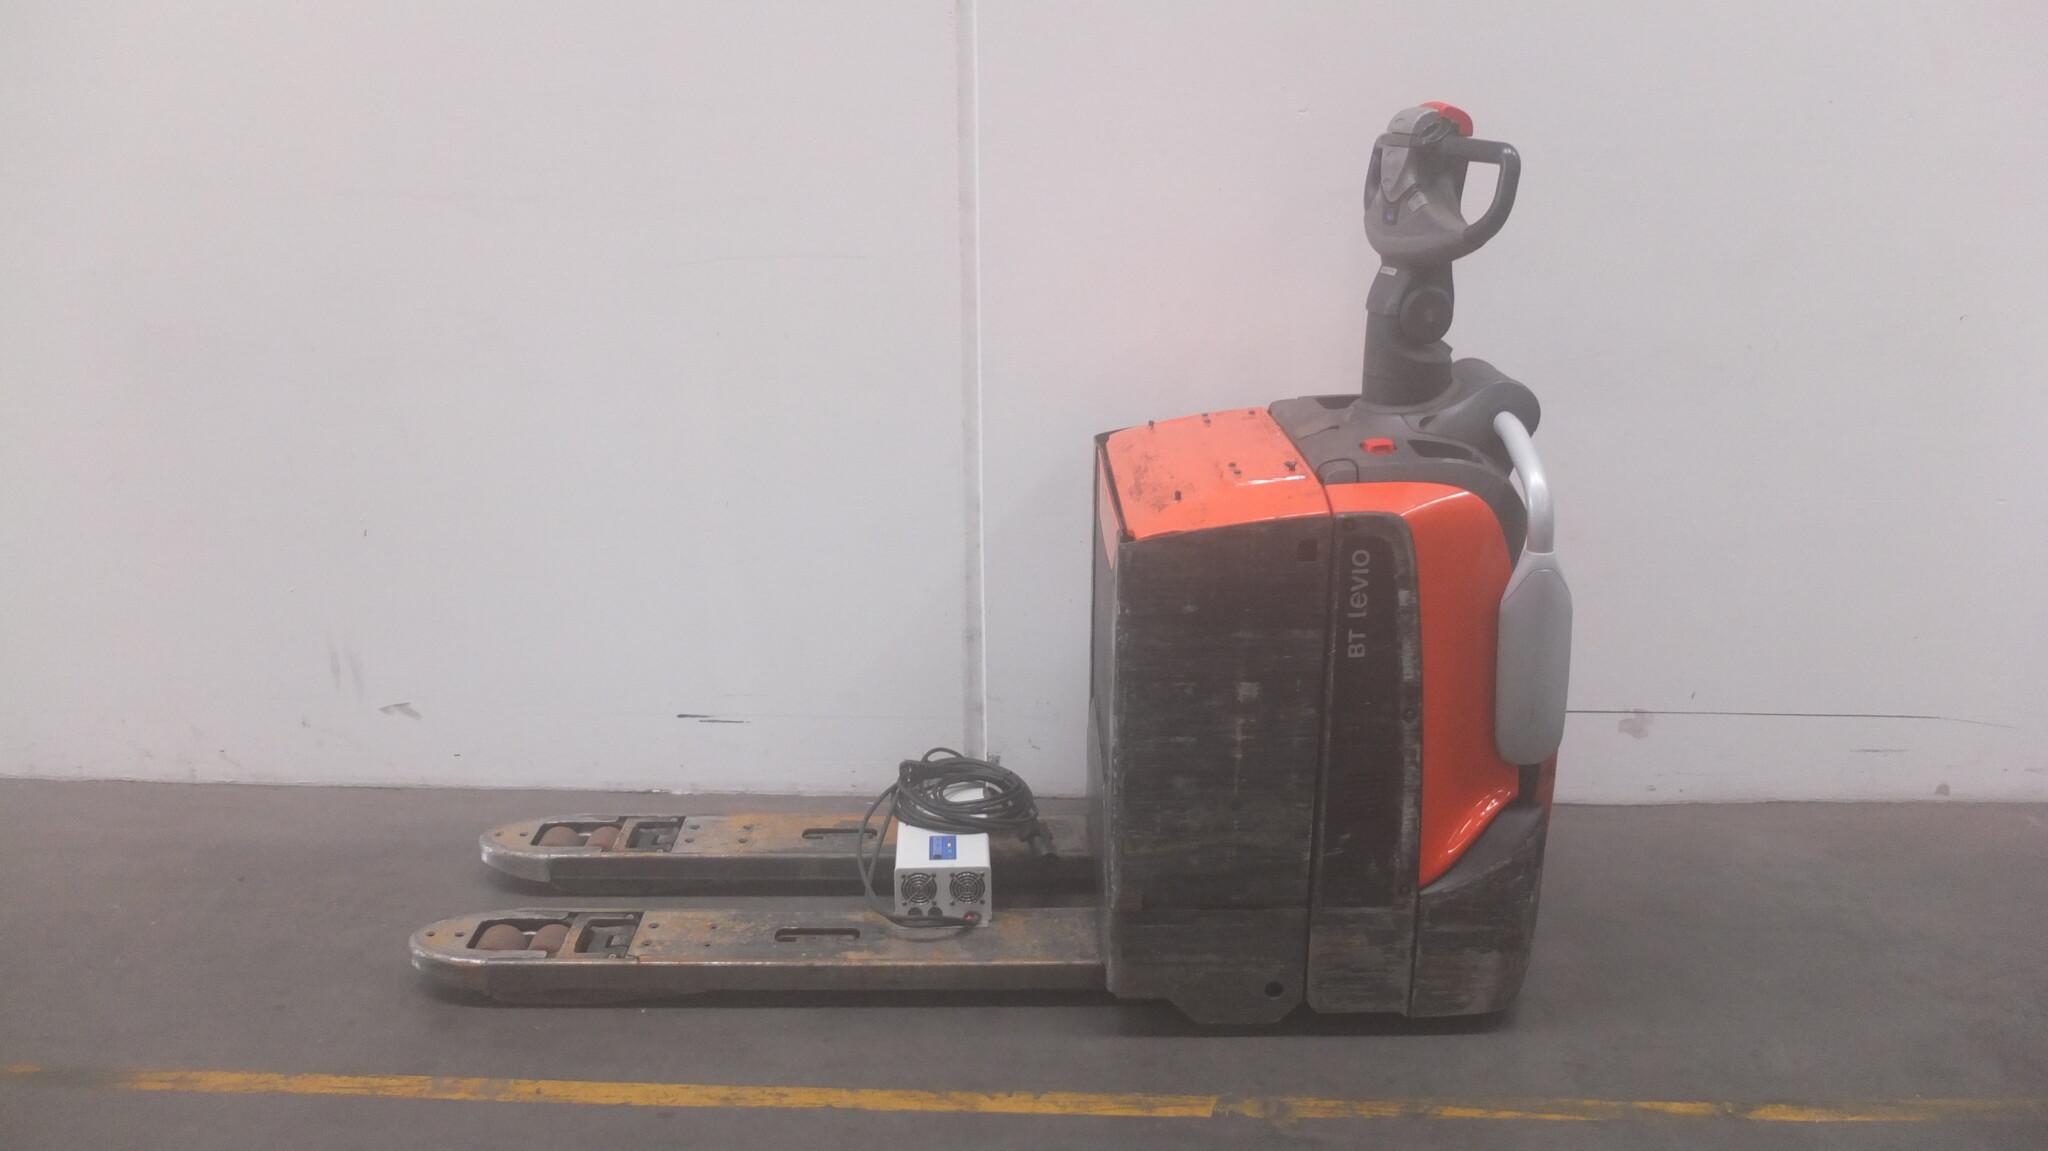 Toyota-Gabelstapler-59840 1712007004 1 scaled